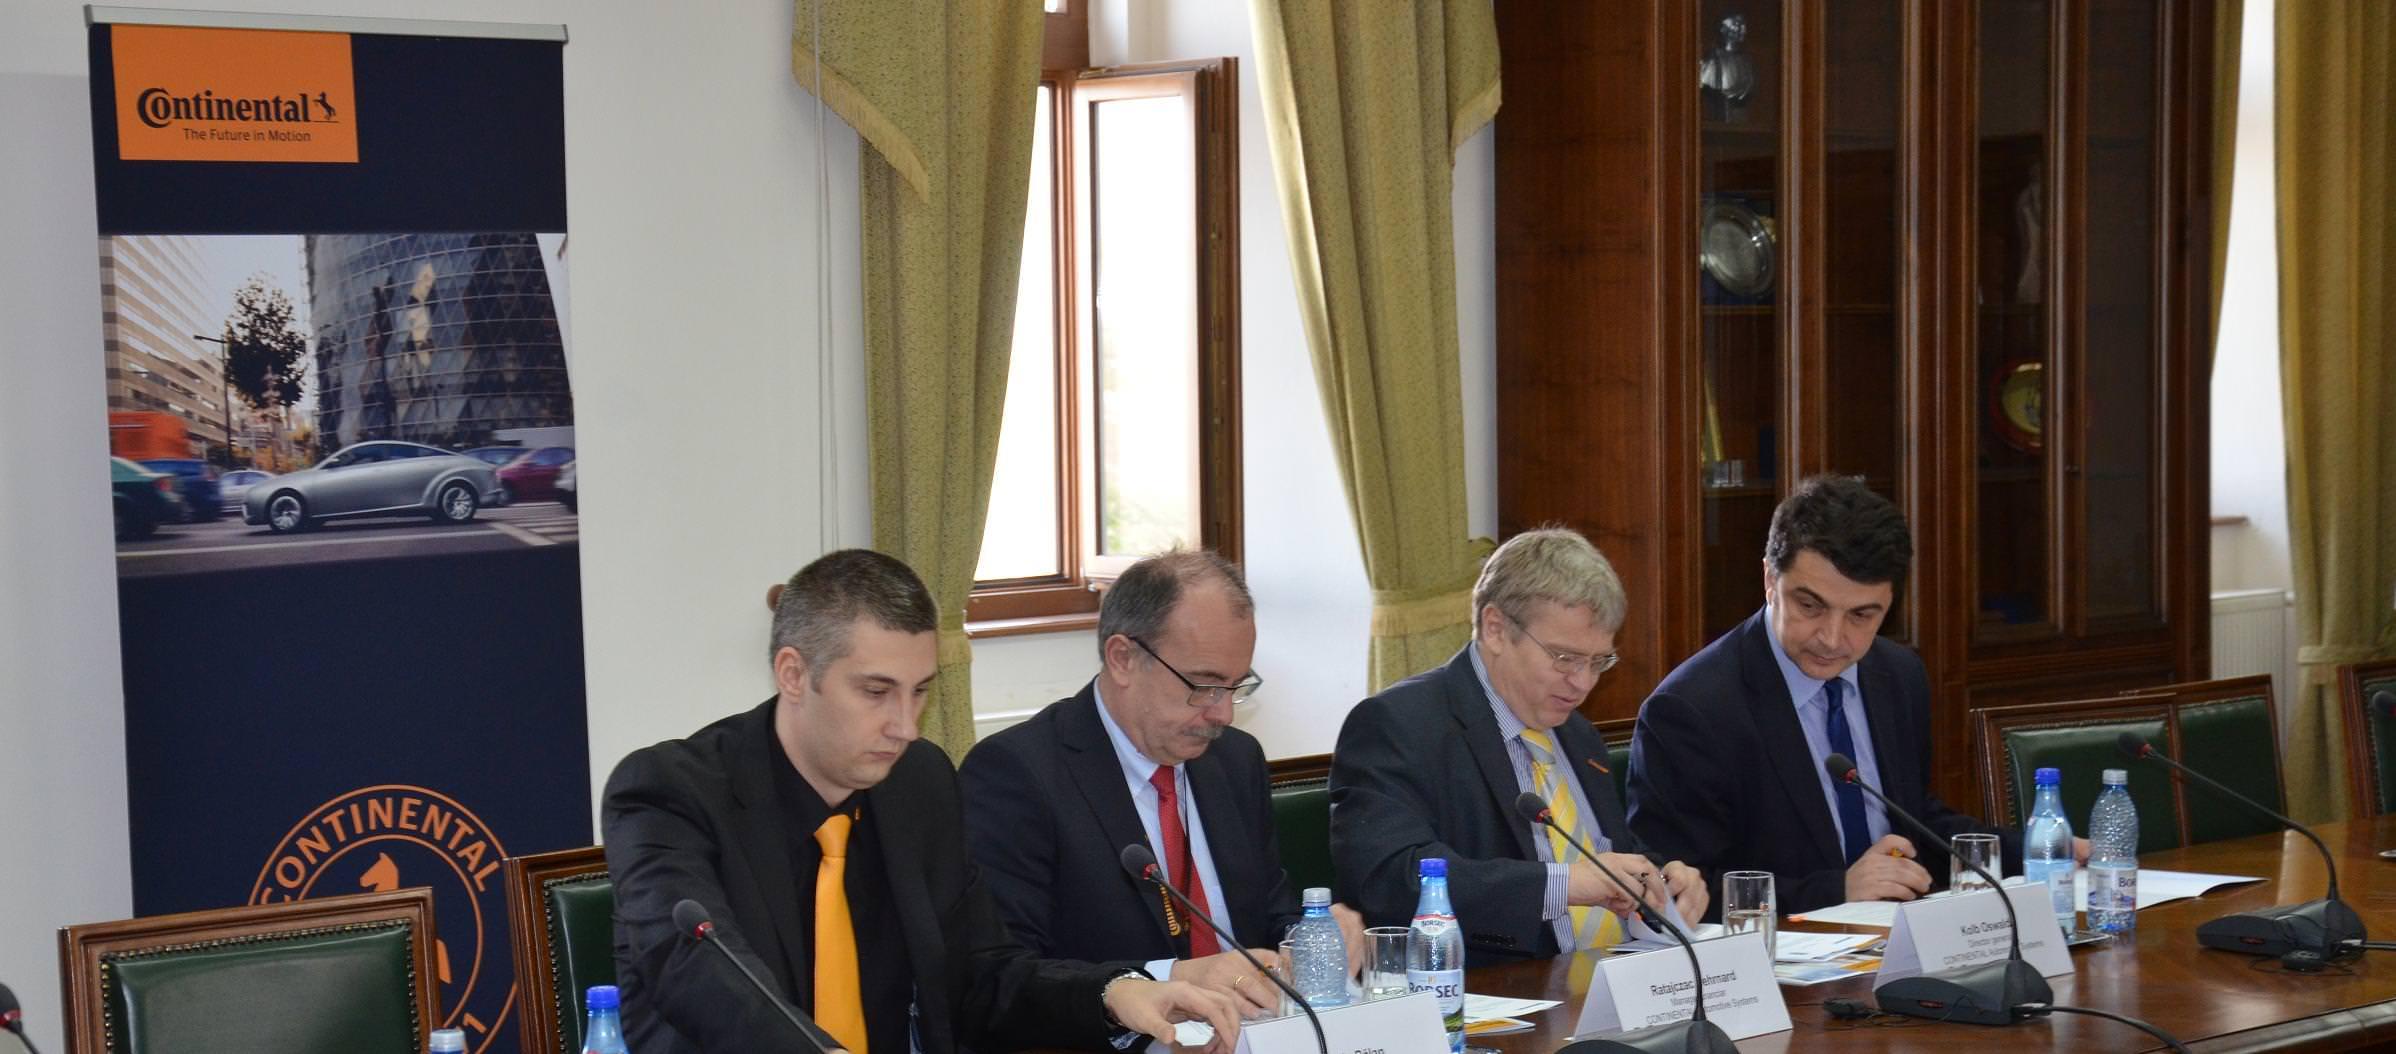 """Continental, parteneriat cu Universitatea """"1 Decembrie"""" din Alba Iulia"""